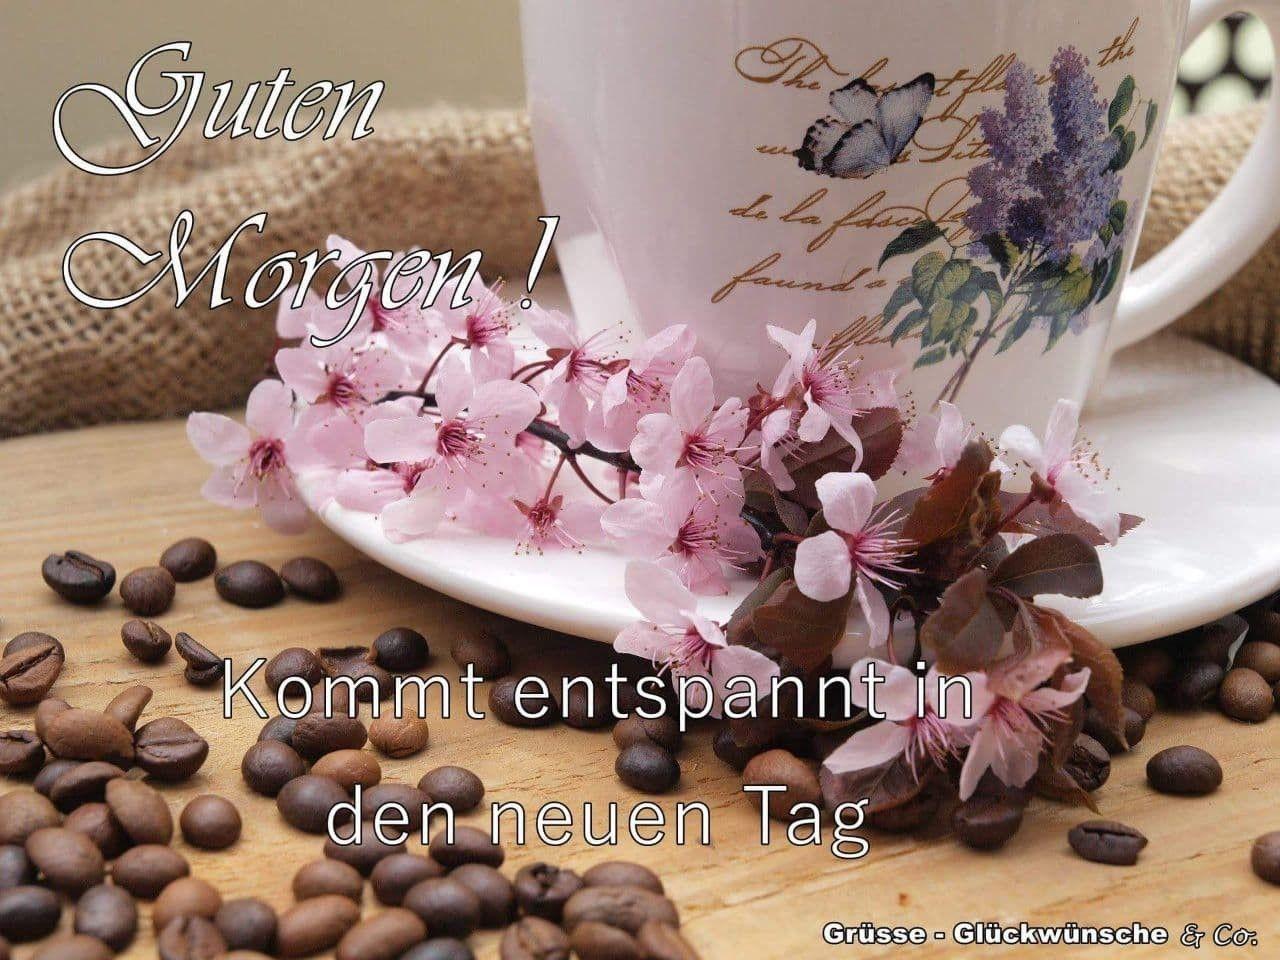 Guten morgen spruch kindergarten - Guten morgen spruch kindergarten